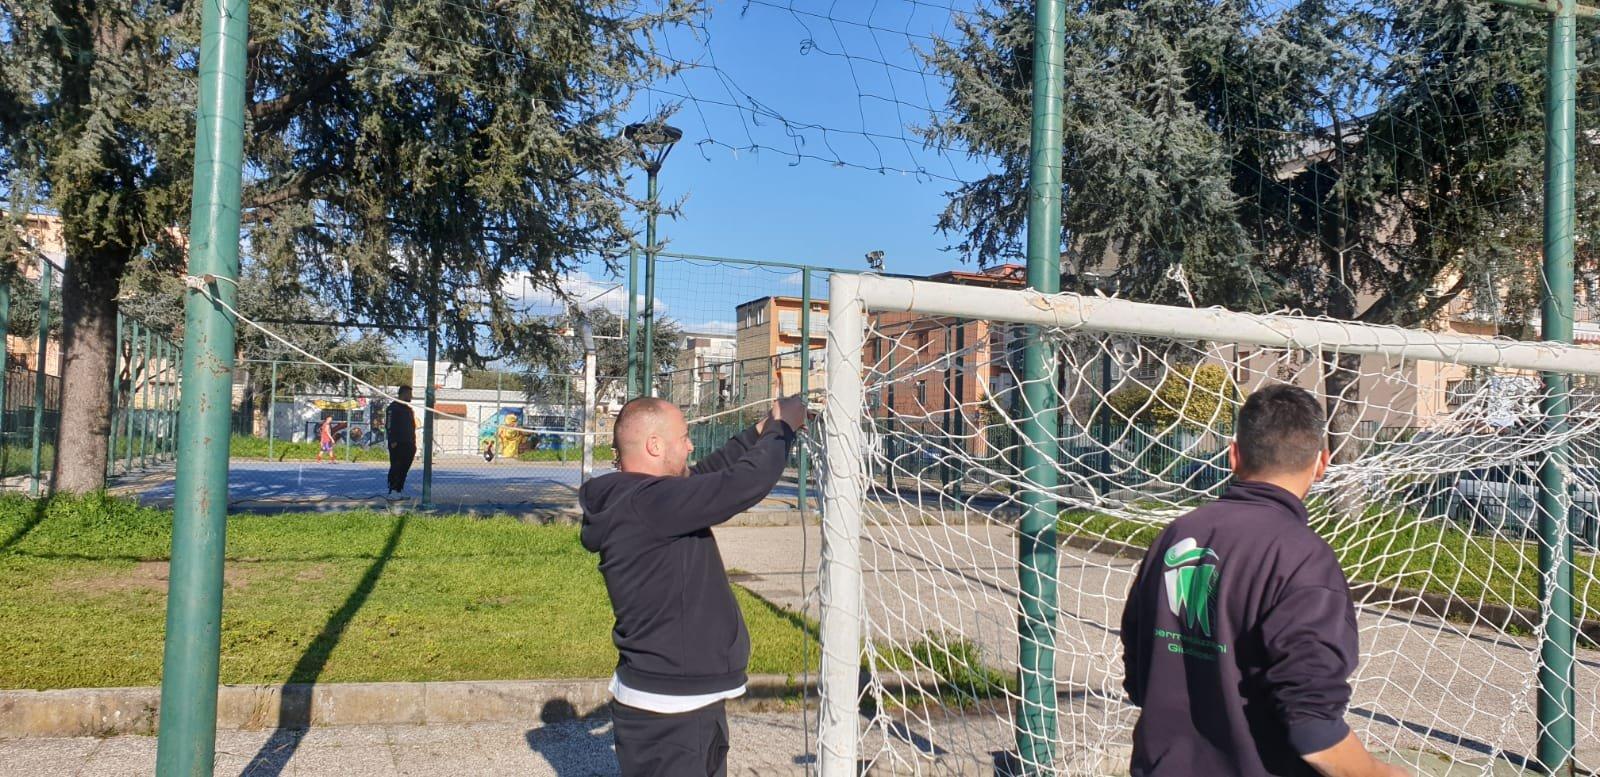 Napoli: volontari si prendono cura del proprio territorio ...